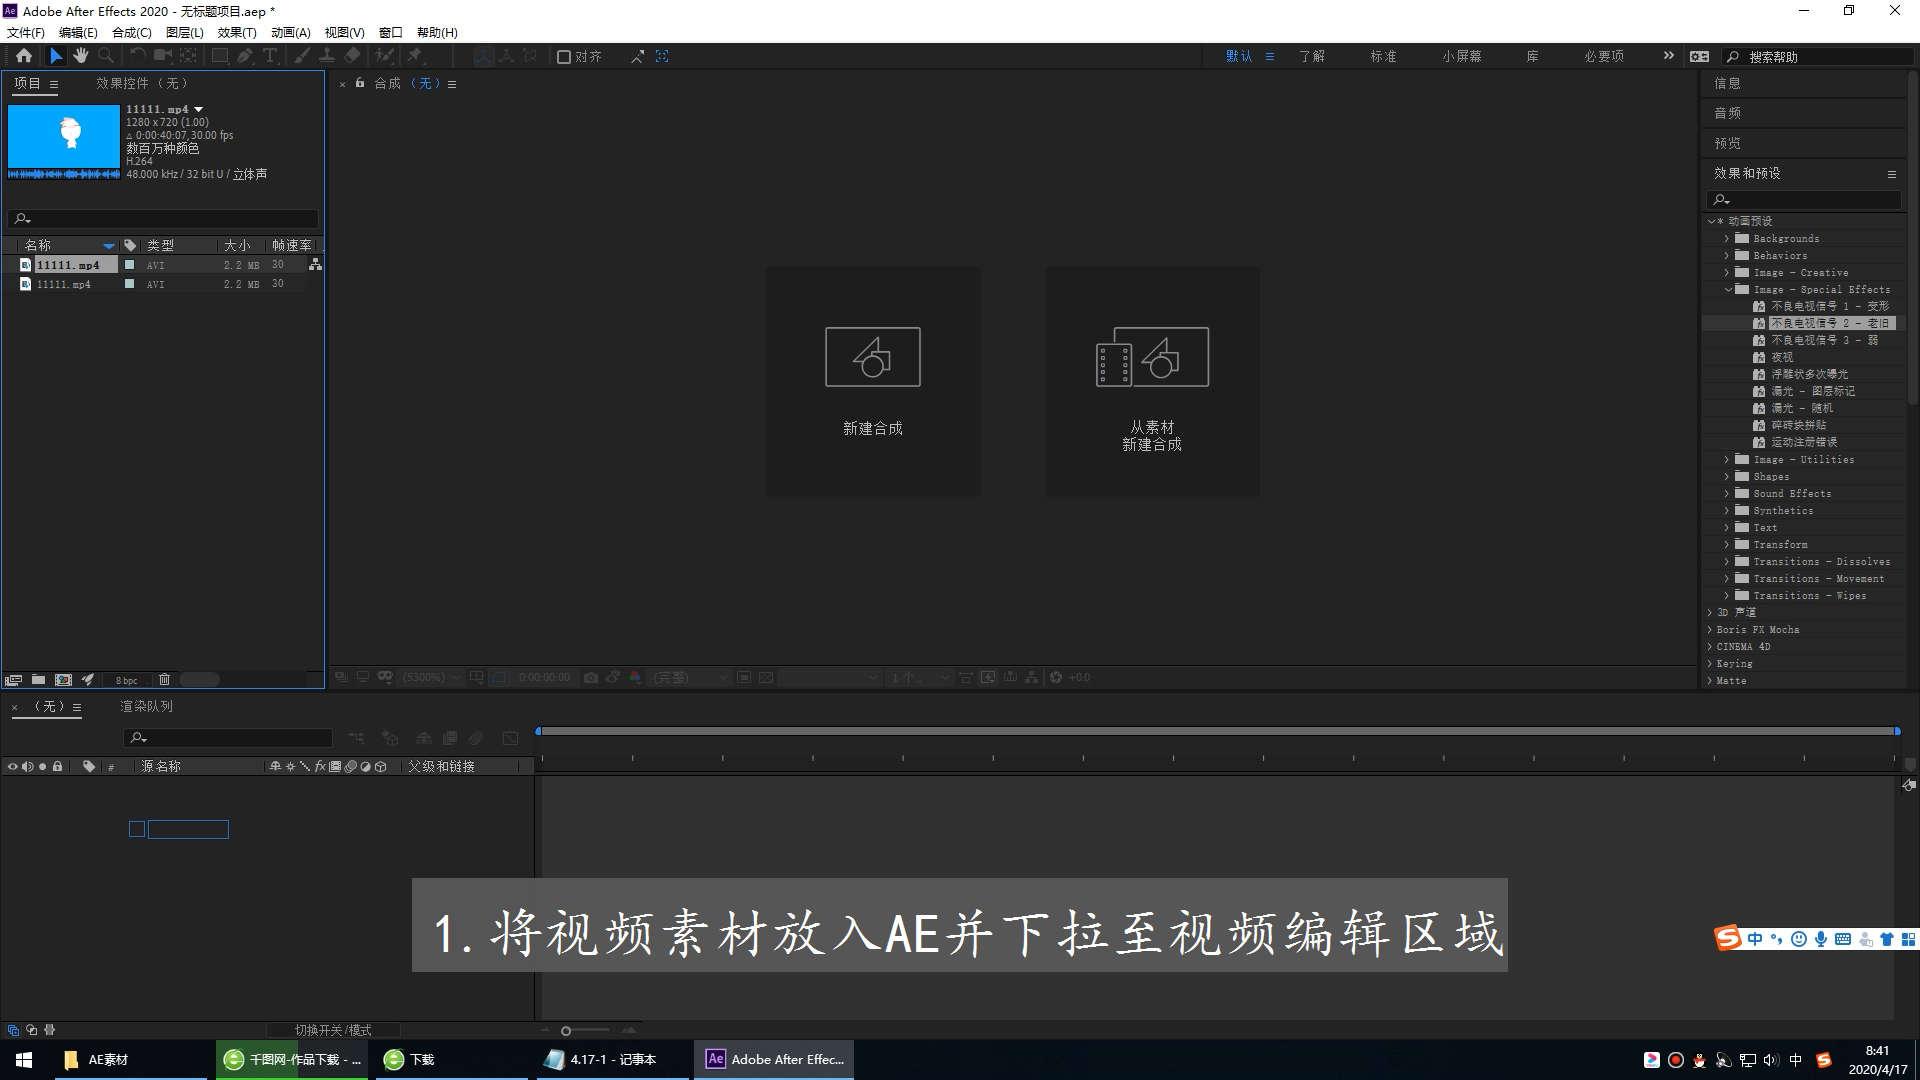 ae怎么给视频加效果第1步